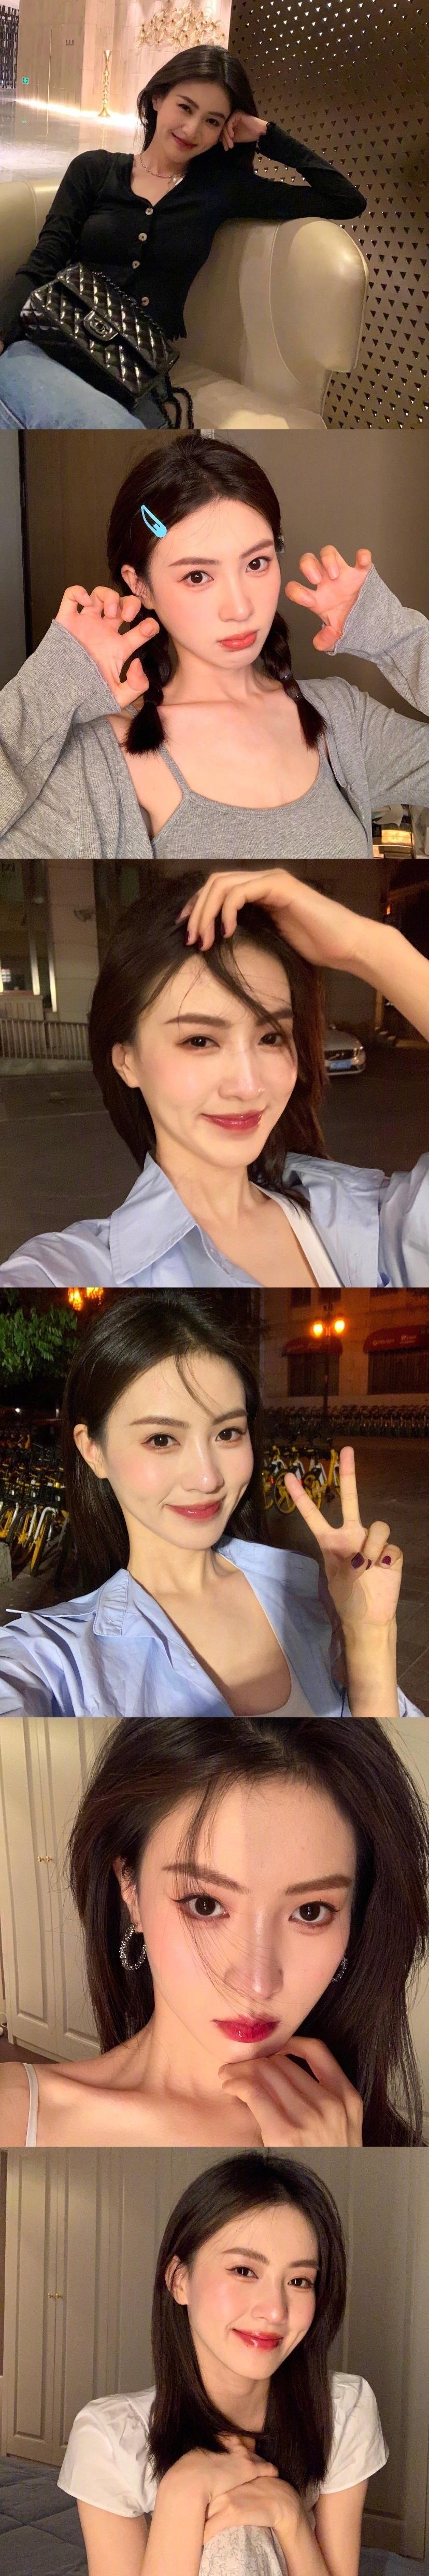 央视财经频道副总监李勇肯定是长得太丑不敢见人